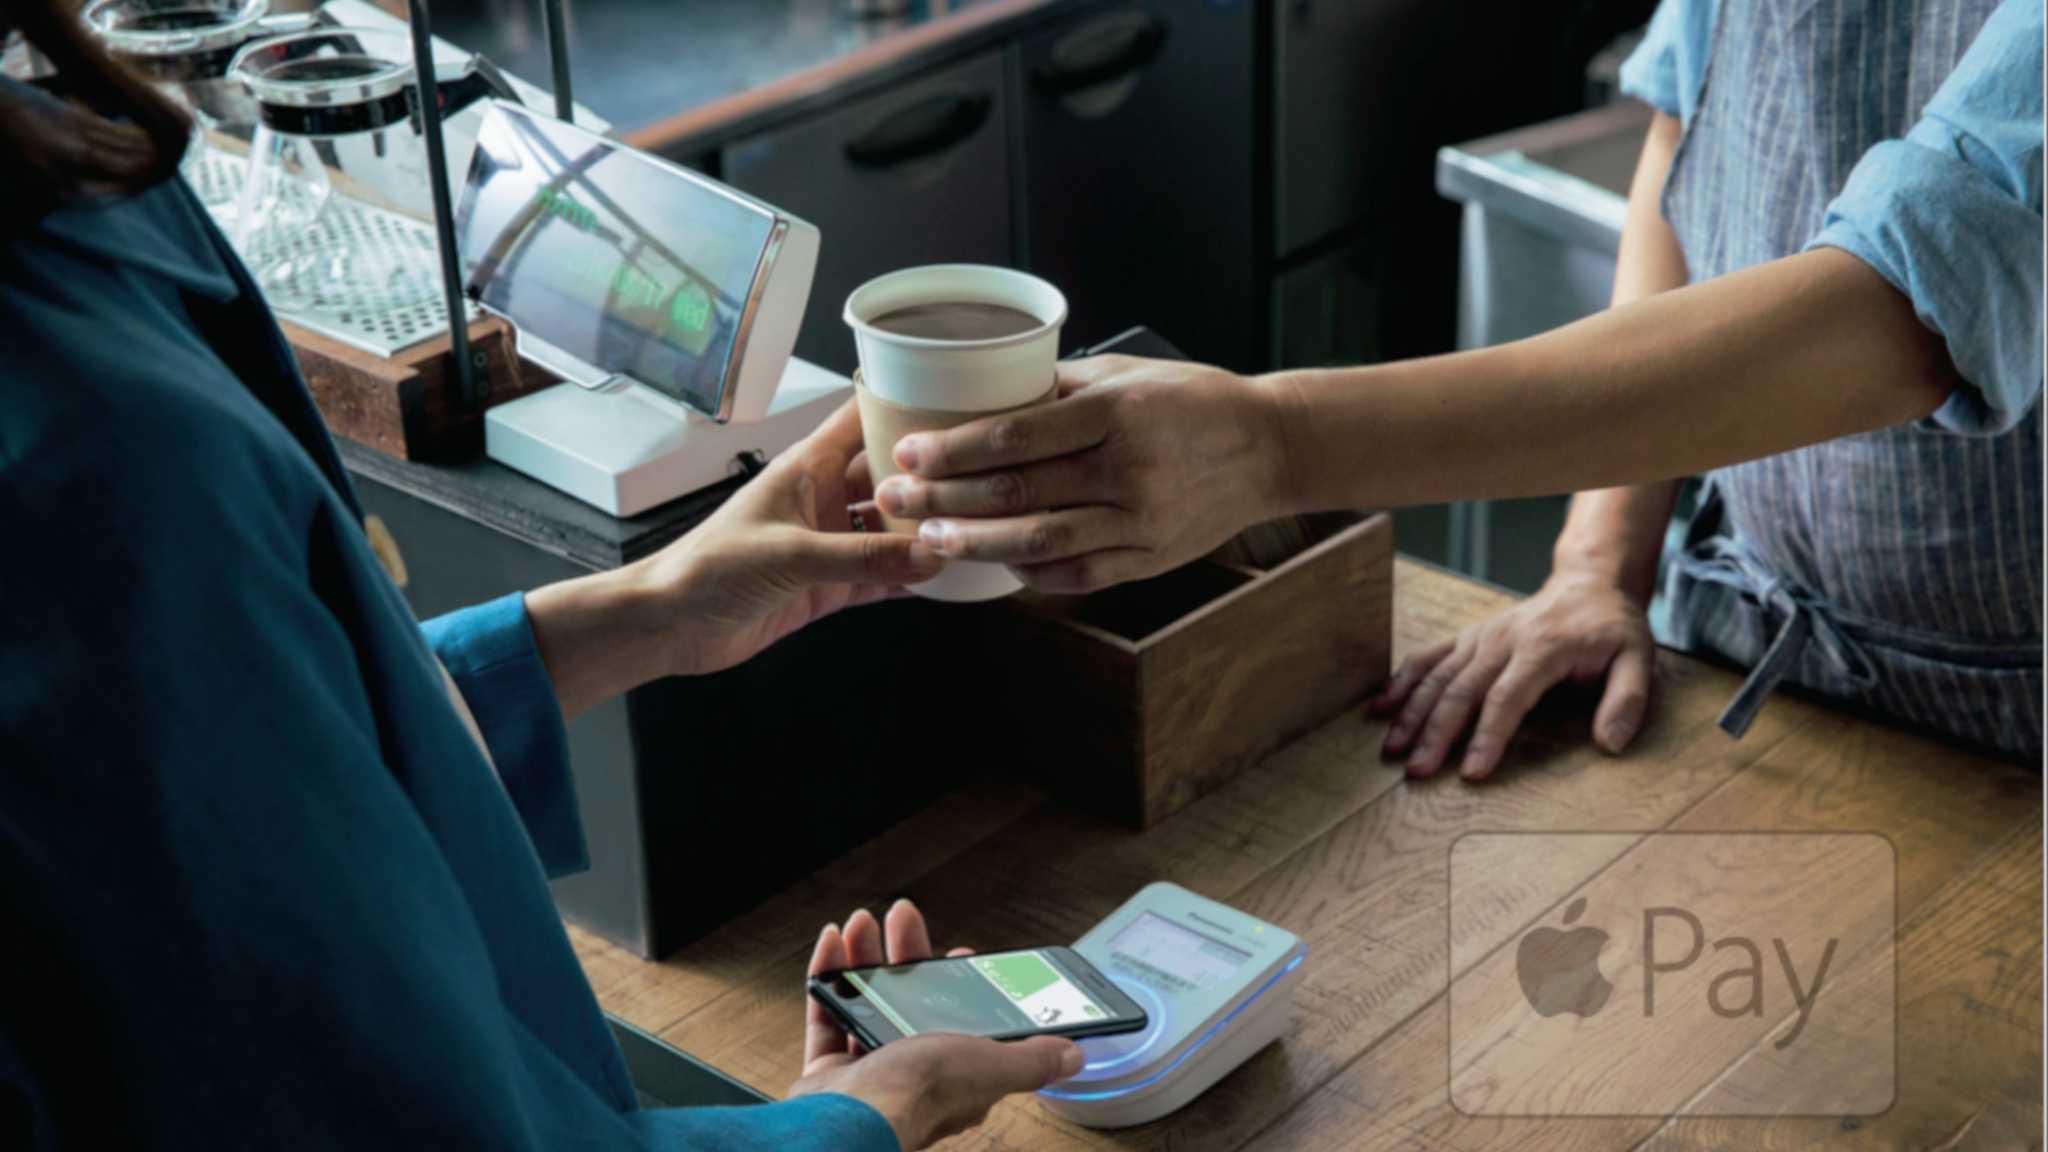 Apple Pay in Deutschland: Banken wollen EC-Karte einbinden